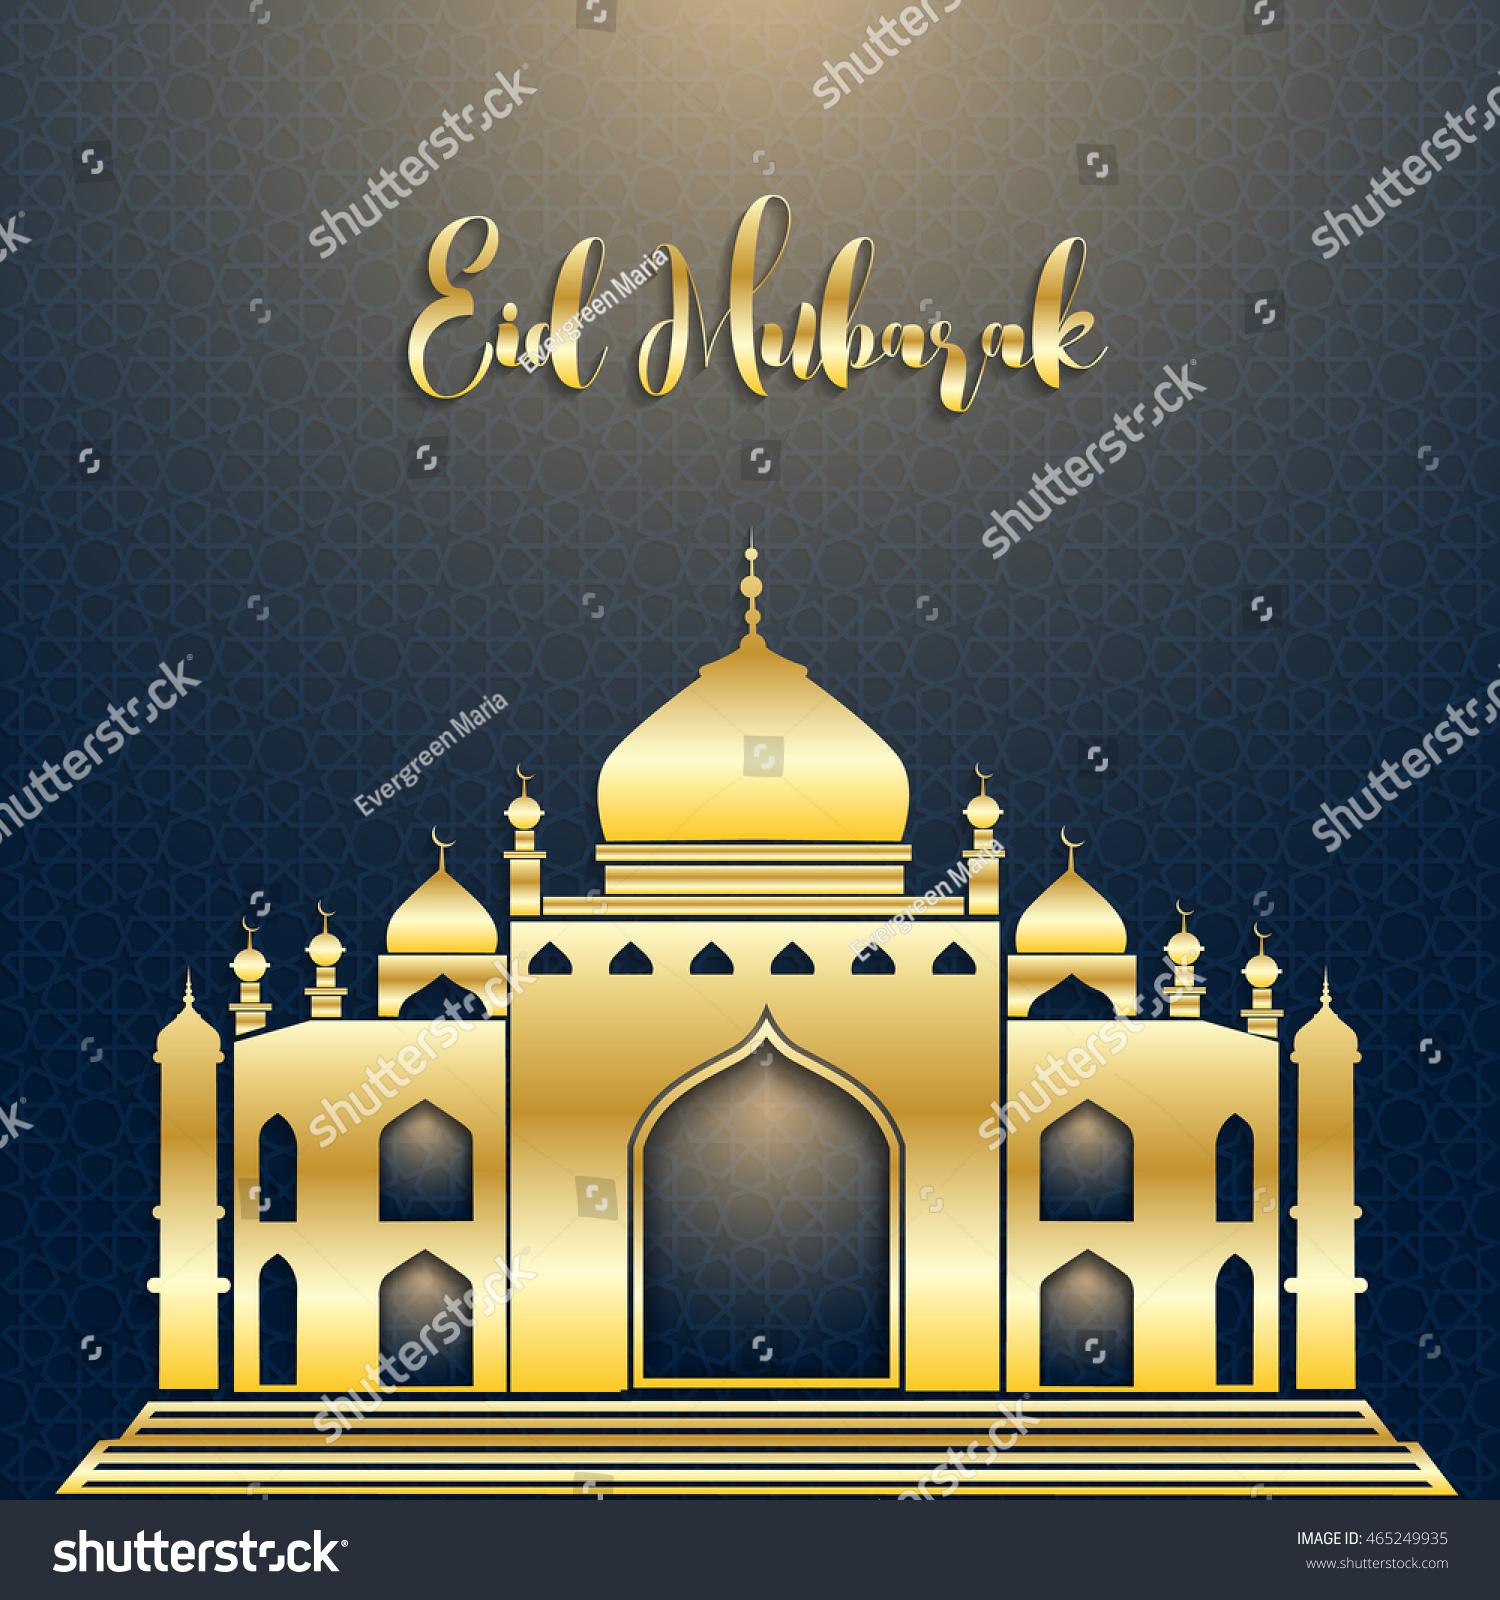 Royalty Free Muslim Community Festival Eid Ul Adha 465249935 Stock